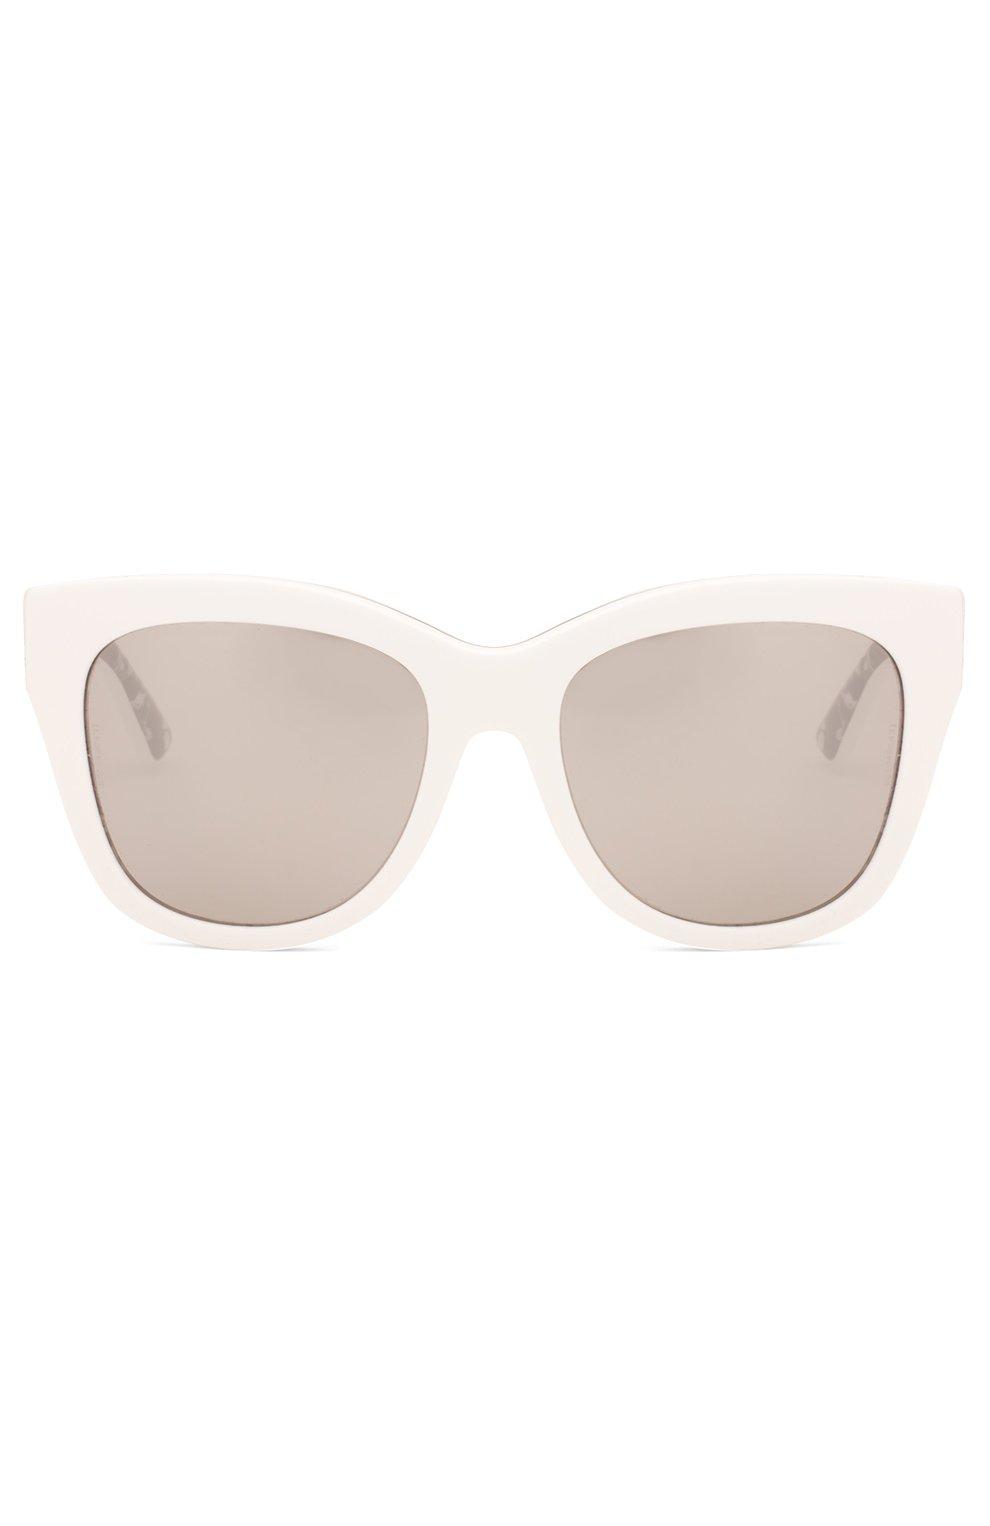 Женские солнцезащитные очки DOLCE & GABBANA белого цвета, арт. 4270-30236G | Фото 1